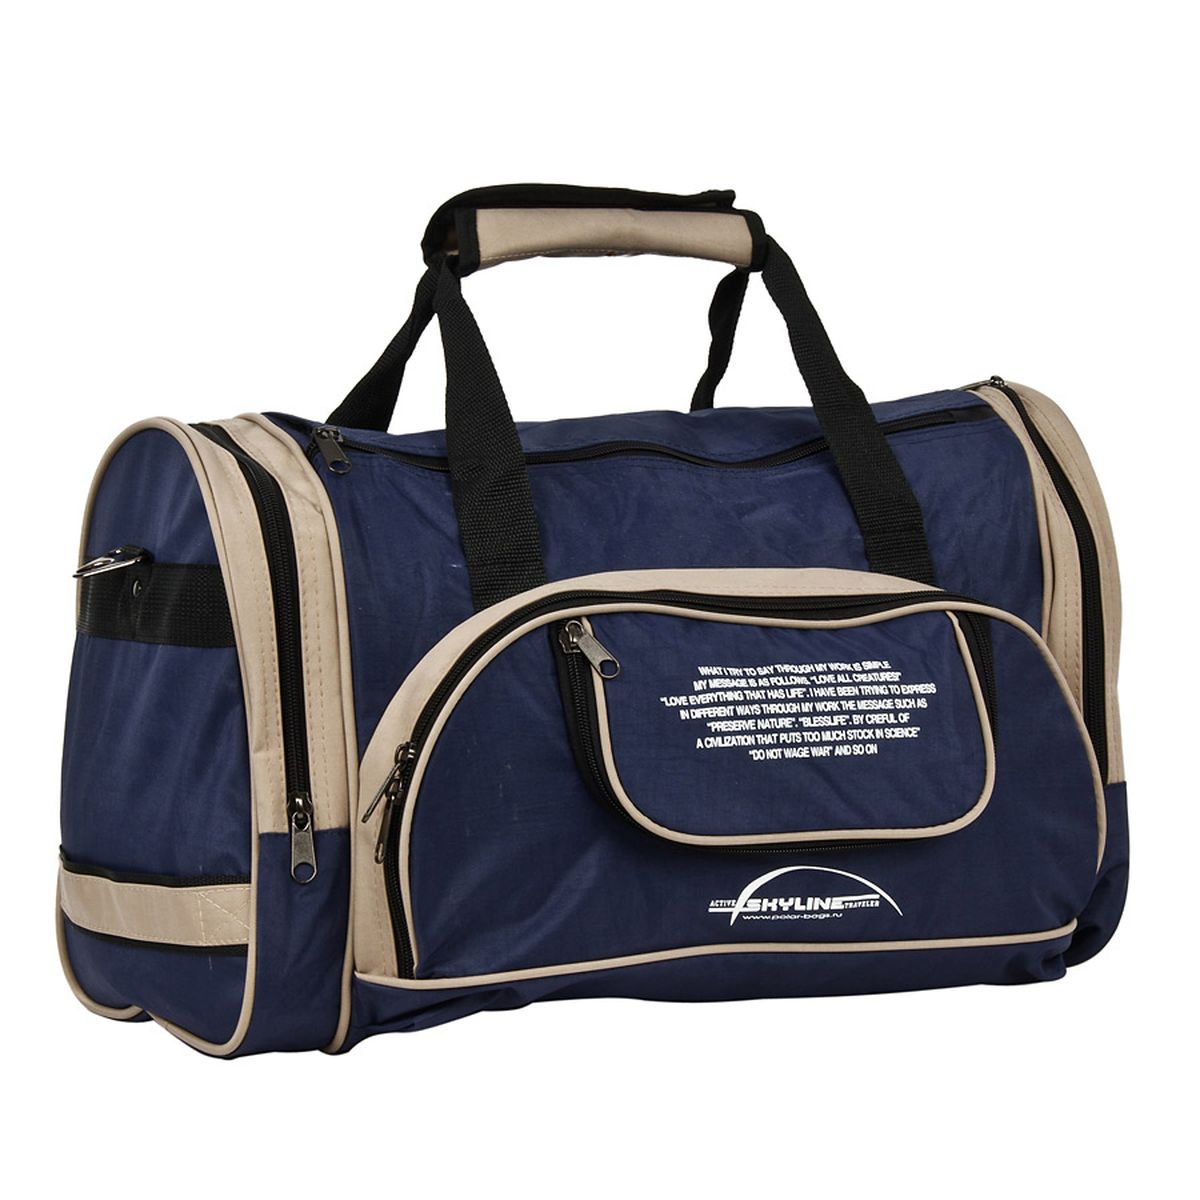 Сумка спортивная Polar, цвет: синий, бежевый, 37,5 л. 60656065_синий, бежевыйСпортивная сумка Polar выполнена из полиэстера с водоотталкивающей пропиткой. Сумка имеет одно большое отделение. На лицевой стороне и по бокам сумки расположеныкарманы на молнии. Изделиеоснащено двумя удобными текстильными ручками и съемным плечевым ремнем.